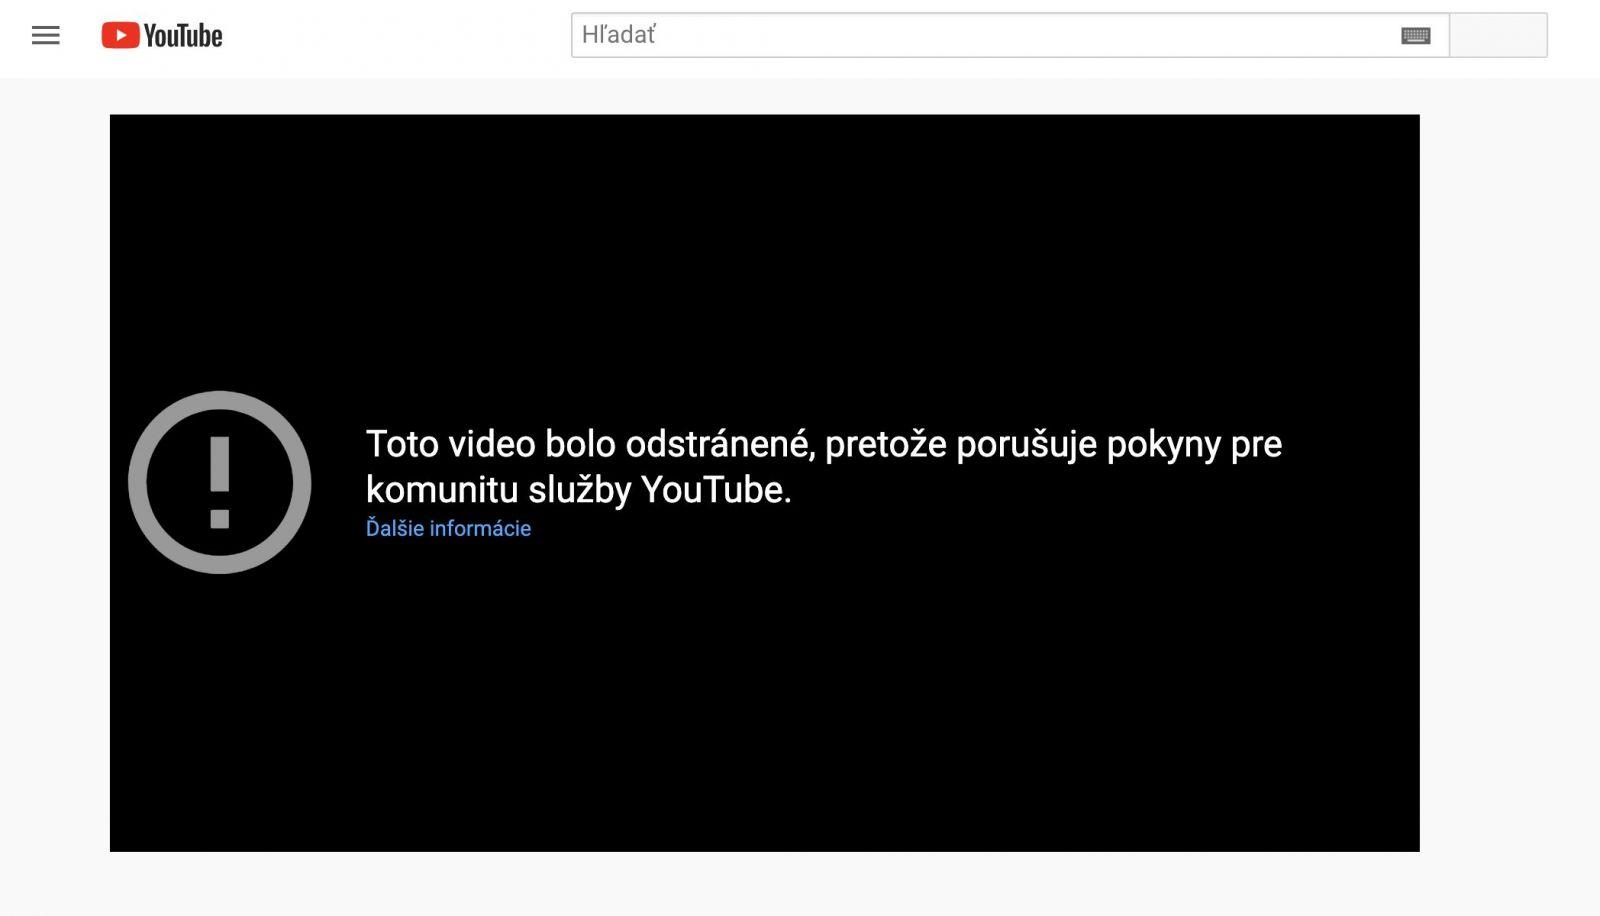 Kotlebovi po Facebooku aj YouTube zmazal konšpiračné video, kde zľahčuje koronavírus. Zavádza číslami a klame o vdychovaní CO2